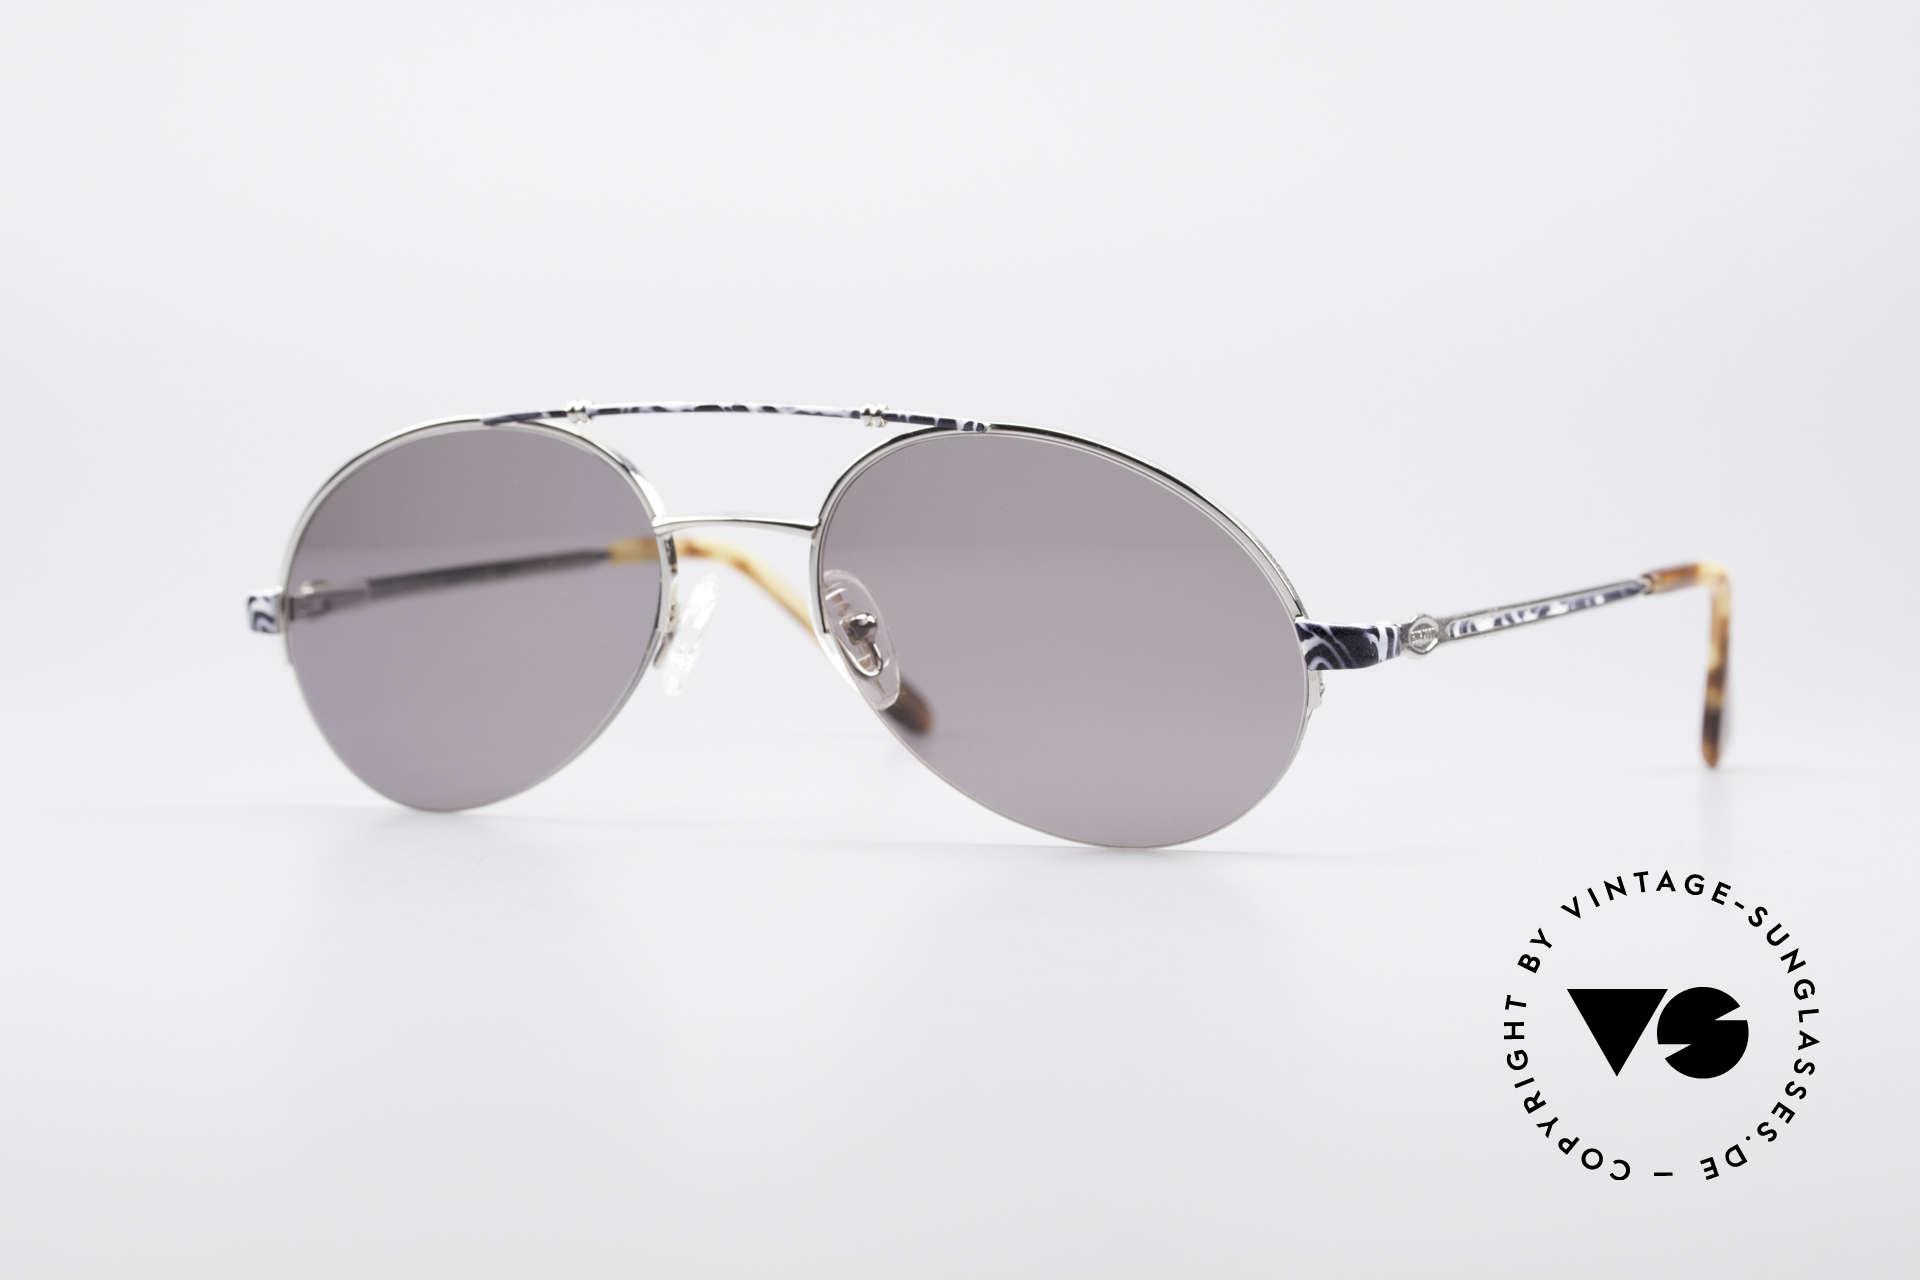 Bugatti 14651 90er Vintage Herrenbrille, dezent elegante Bugatti vintage Sonnenbrille der 90er, Passend für Herren